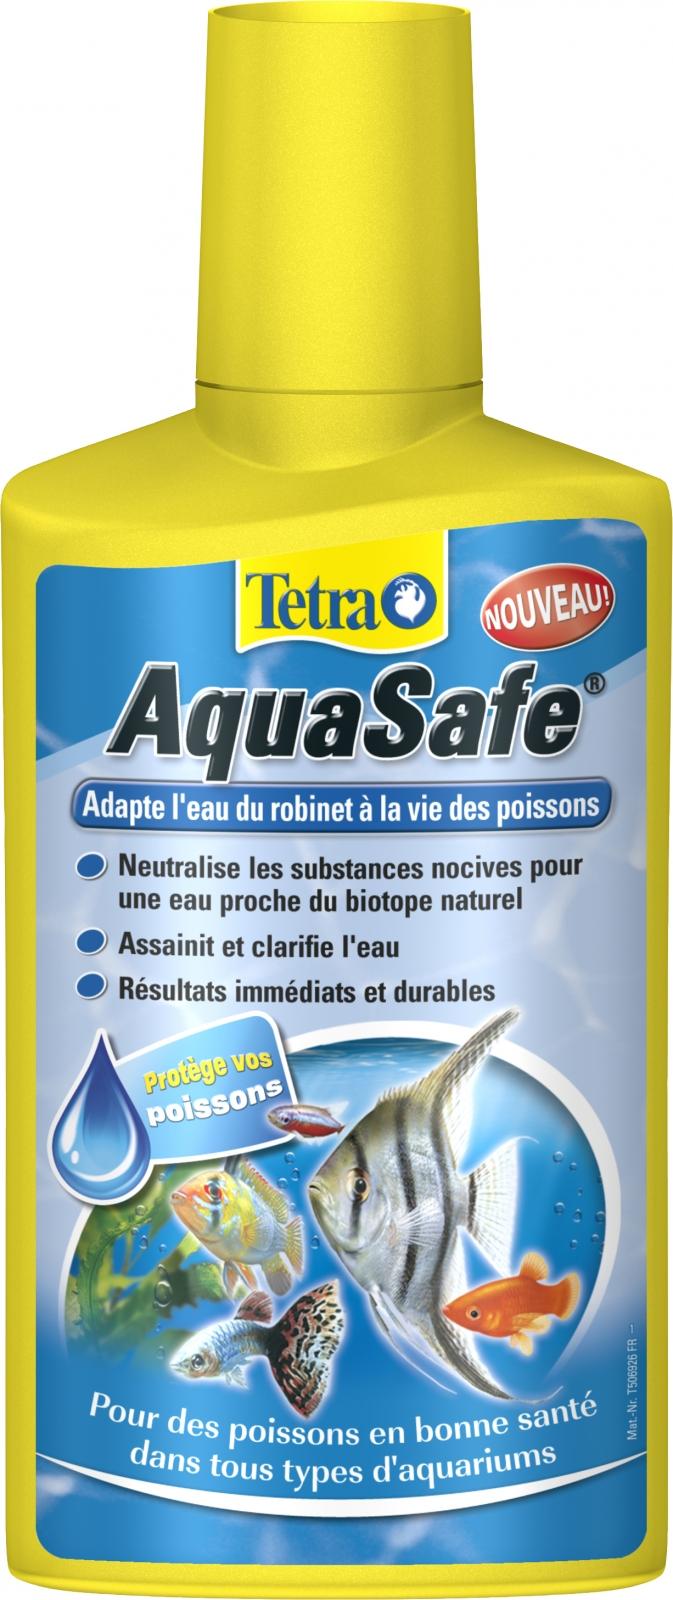 Tetra aquasafe 250 ml transforme instantan ment l 39 eau du - Combien coute 1 litre d eau du robinet ...